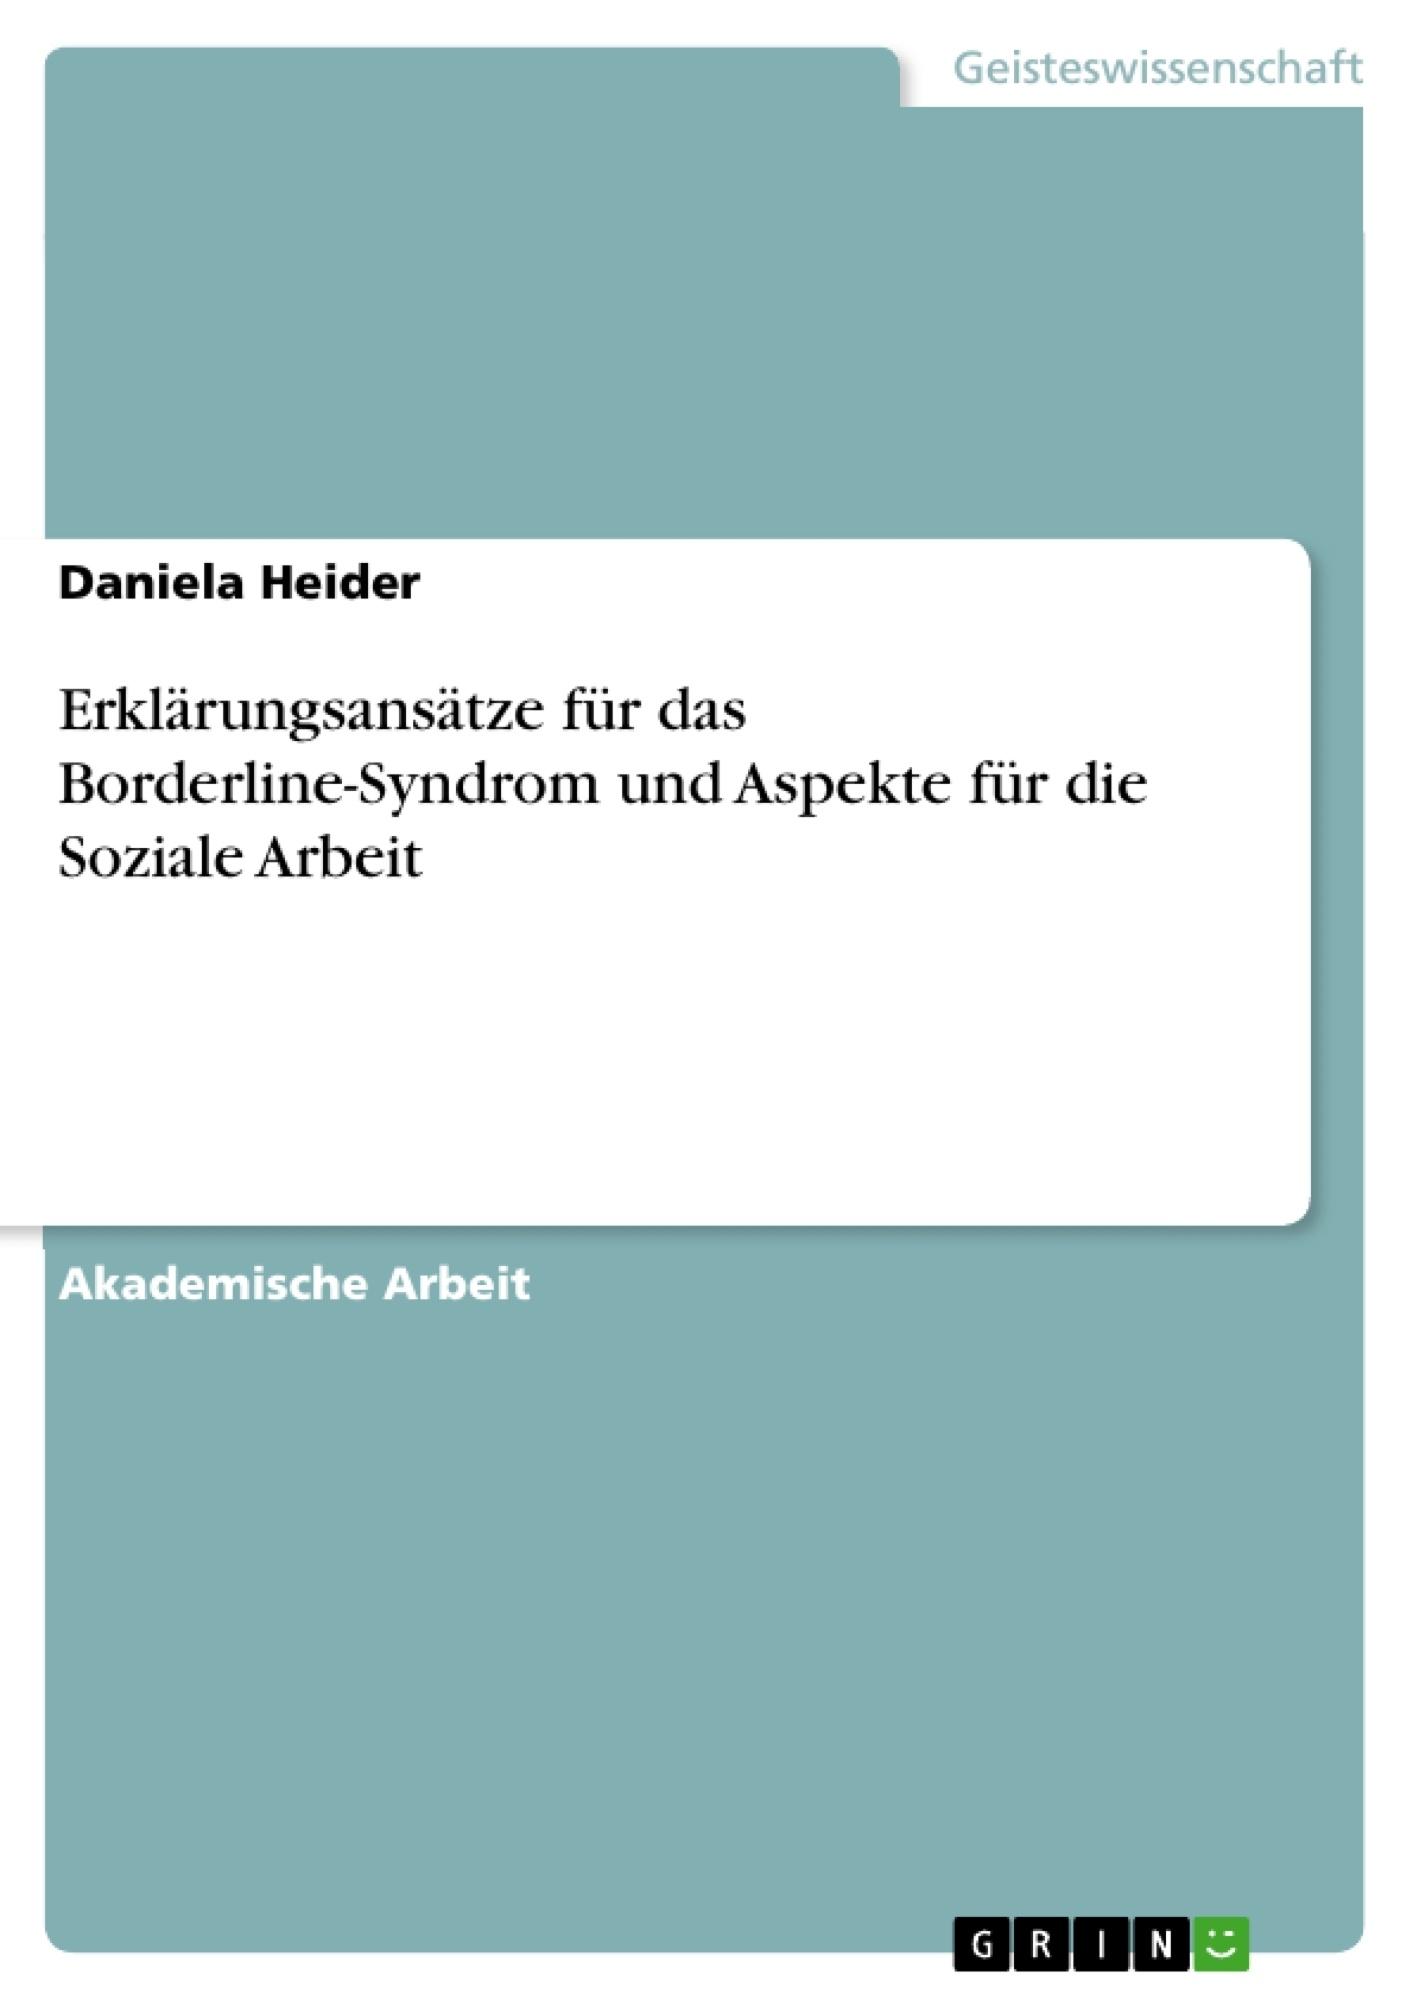 Titel: Erklärungsansätze für das Borderline-Syndrom und Aspekte für die Soziale Arbeit